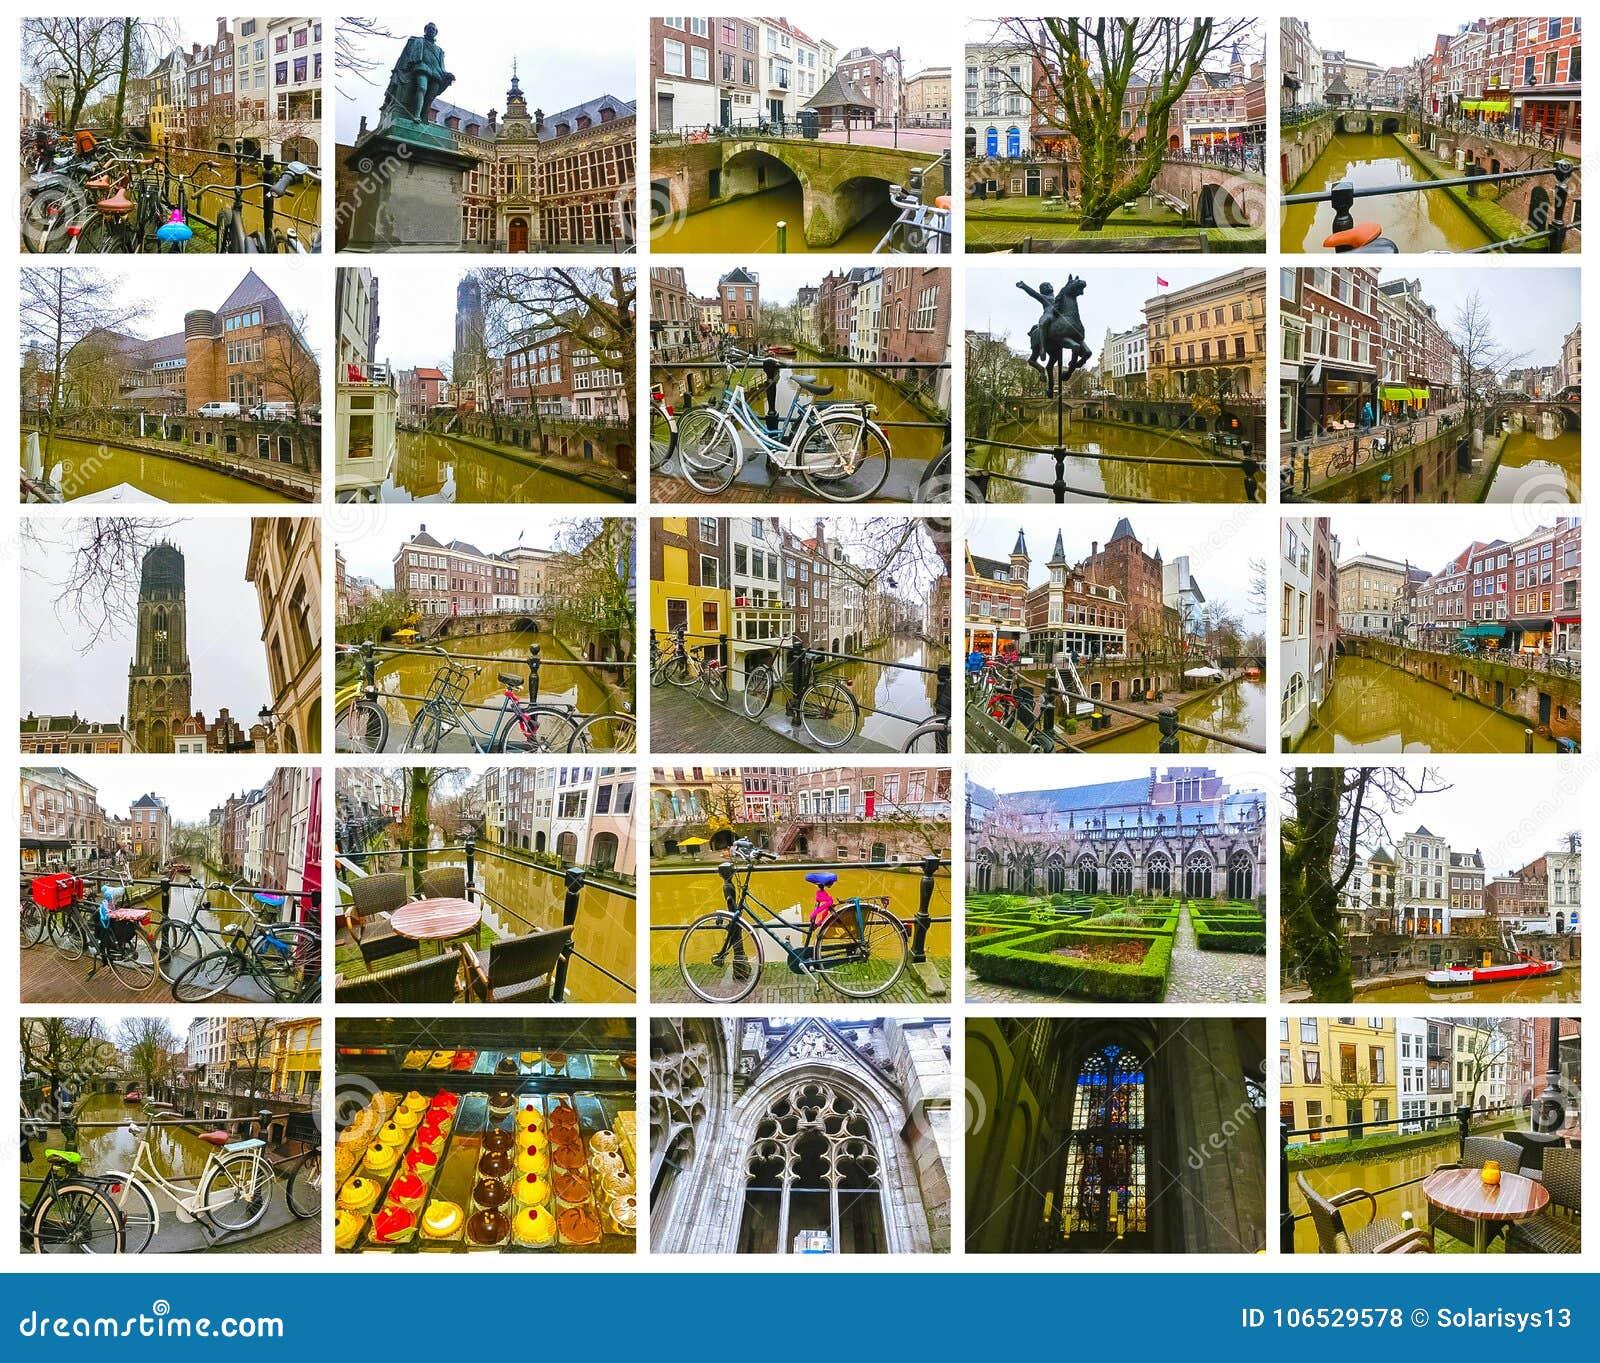 Los canales y los terraplénes más famosos de la ciudad de Utrecht en el invierno